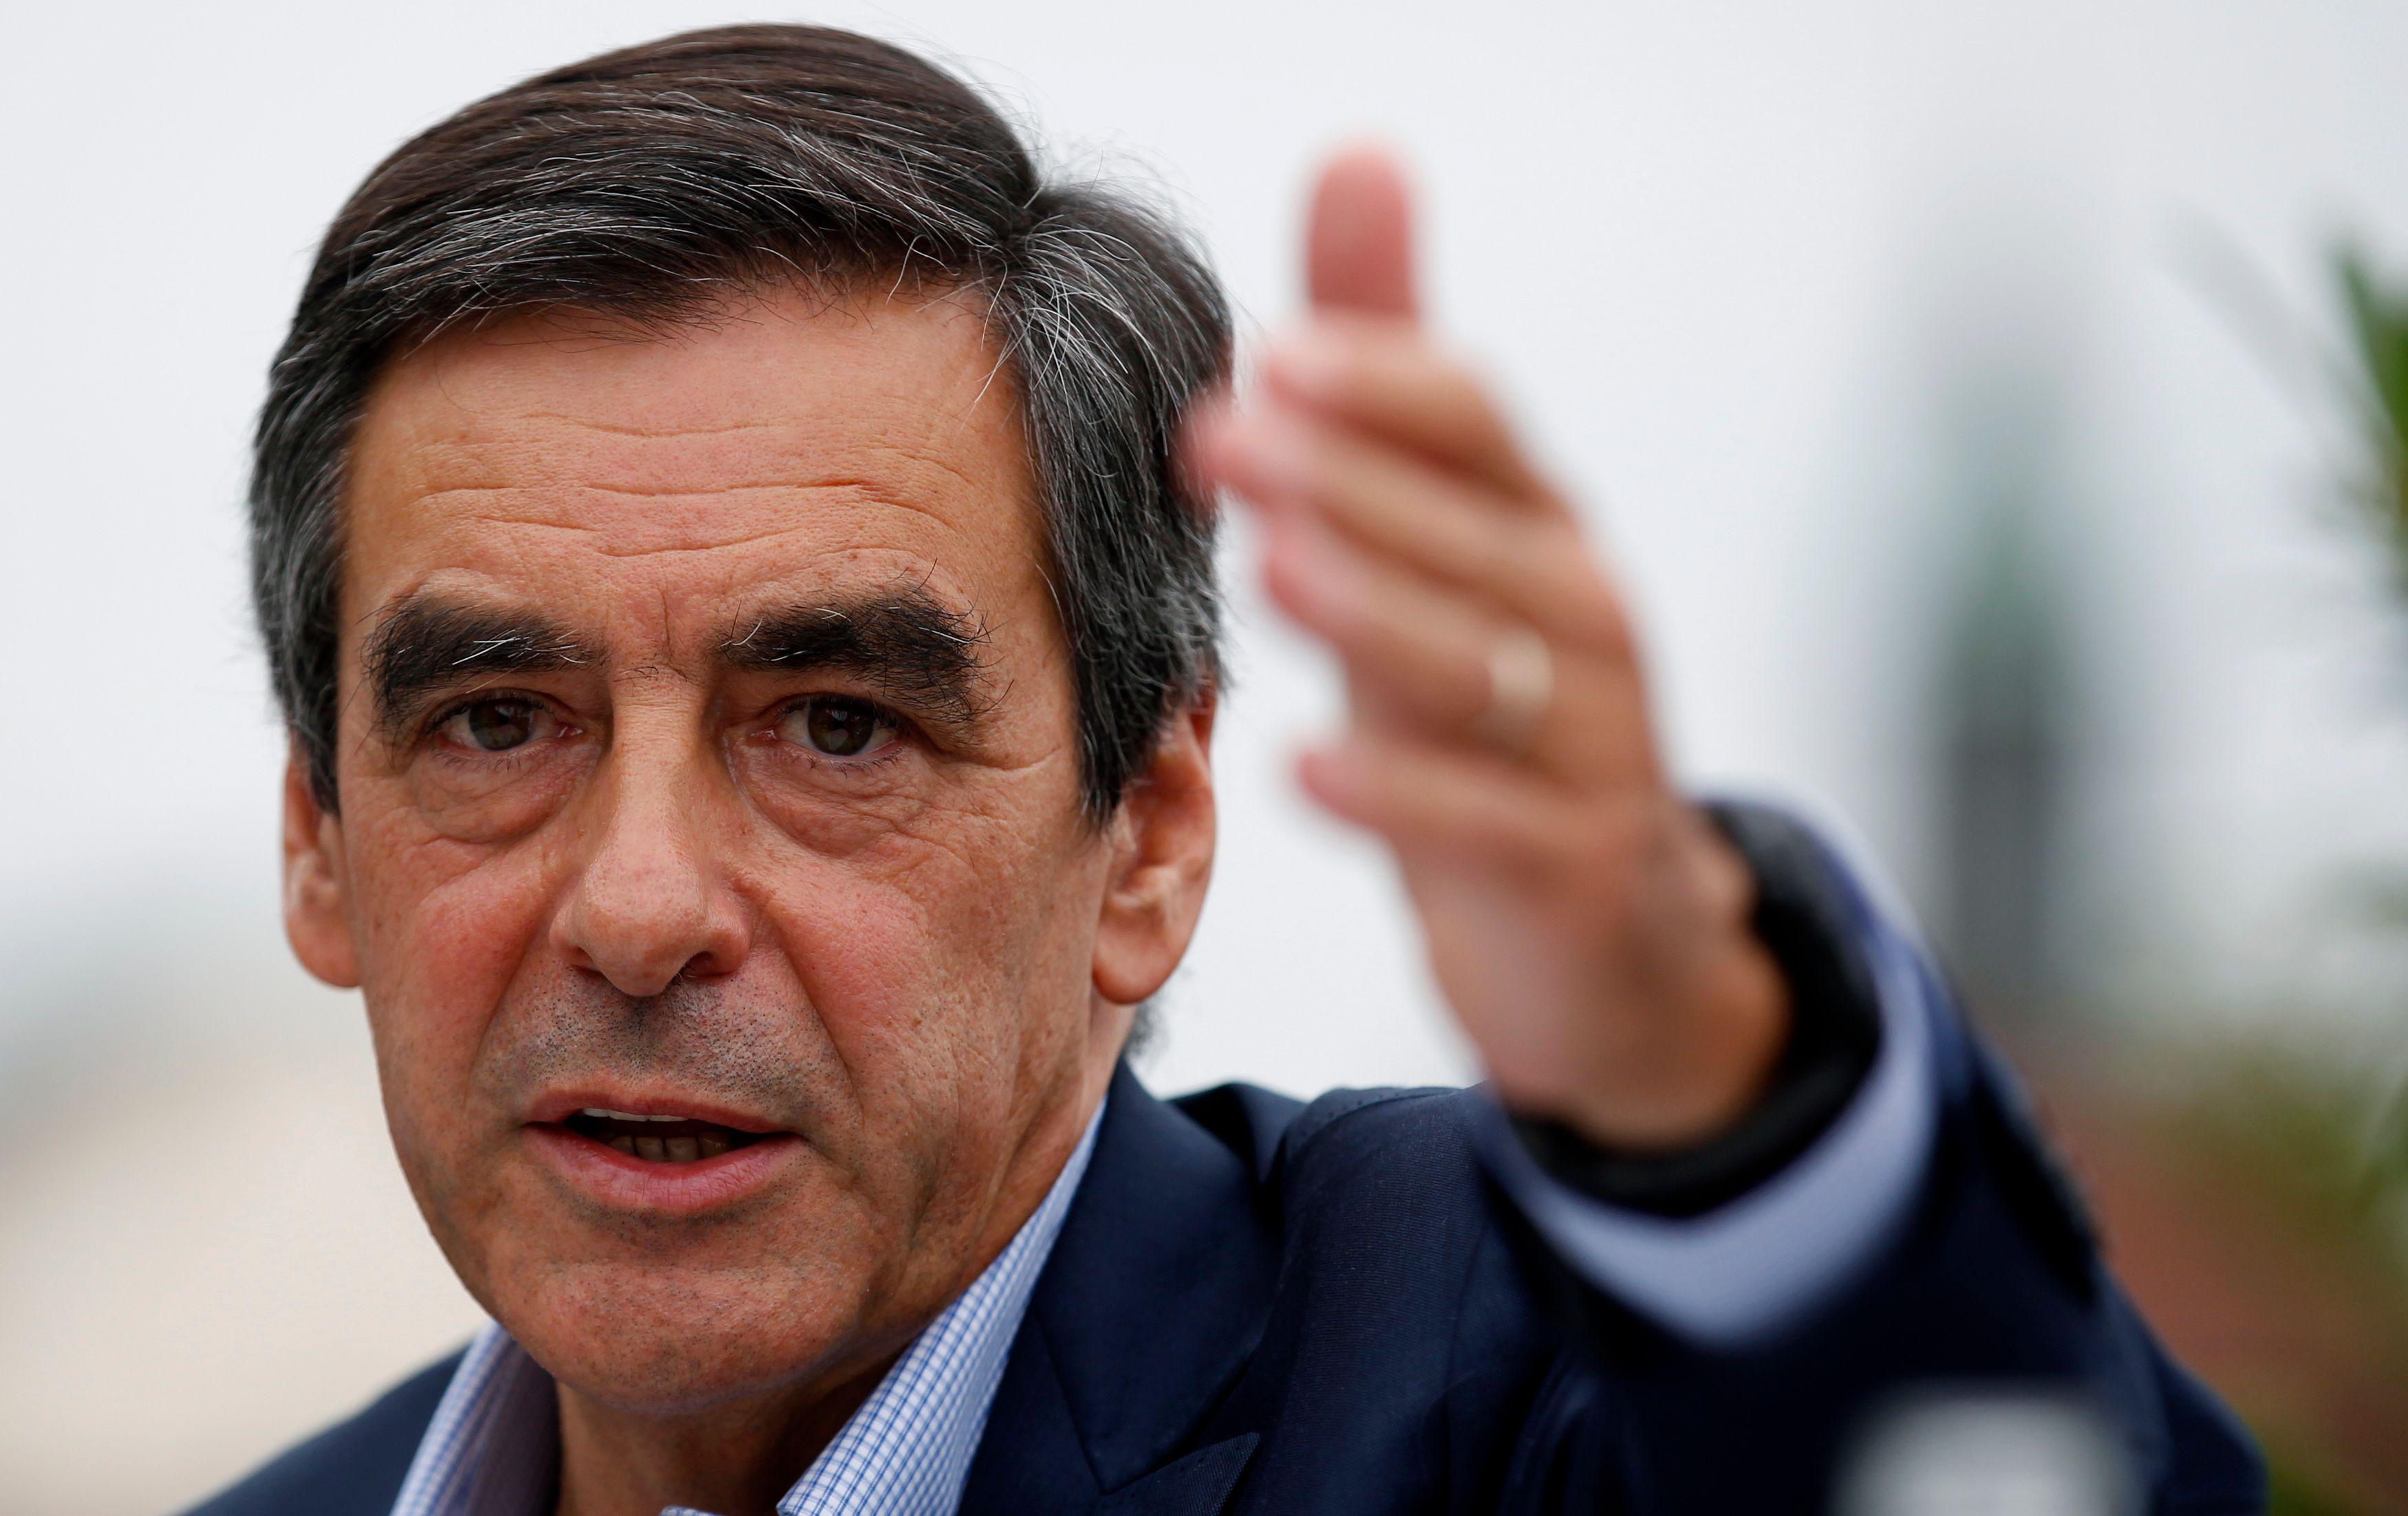 François Fillon a donné une interview au Monde dans laquelle il critique violemment Nicolas Sarkozy